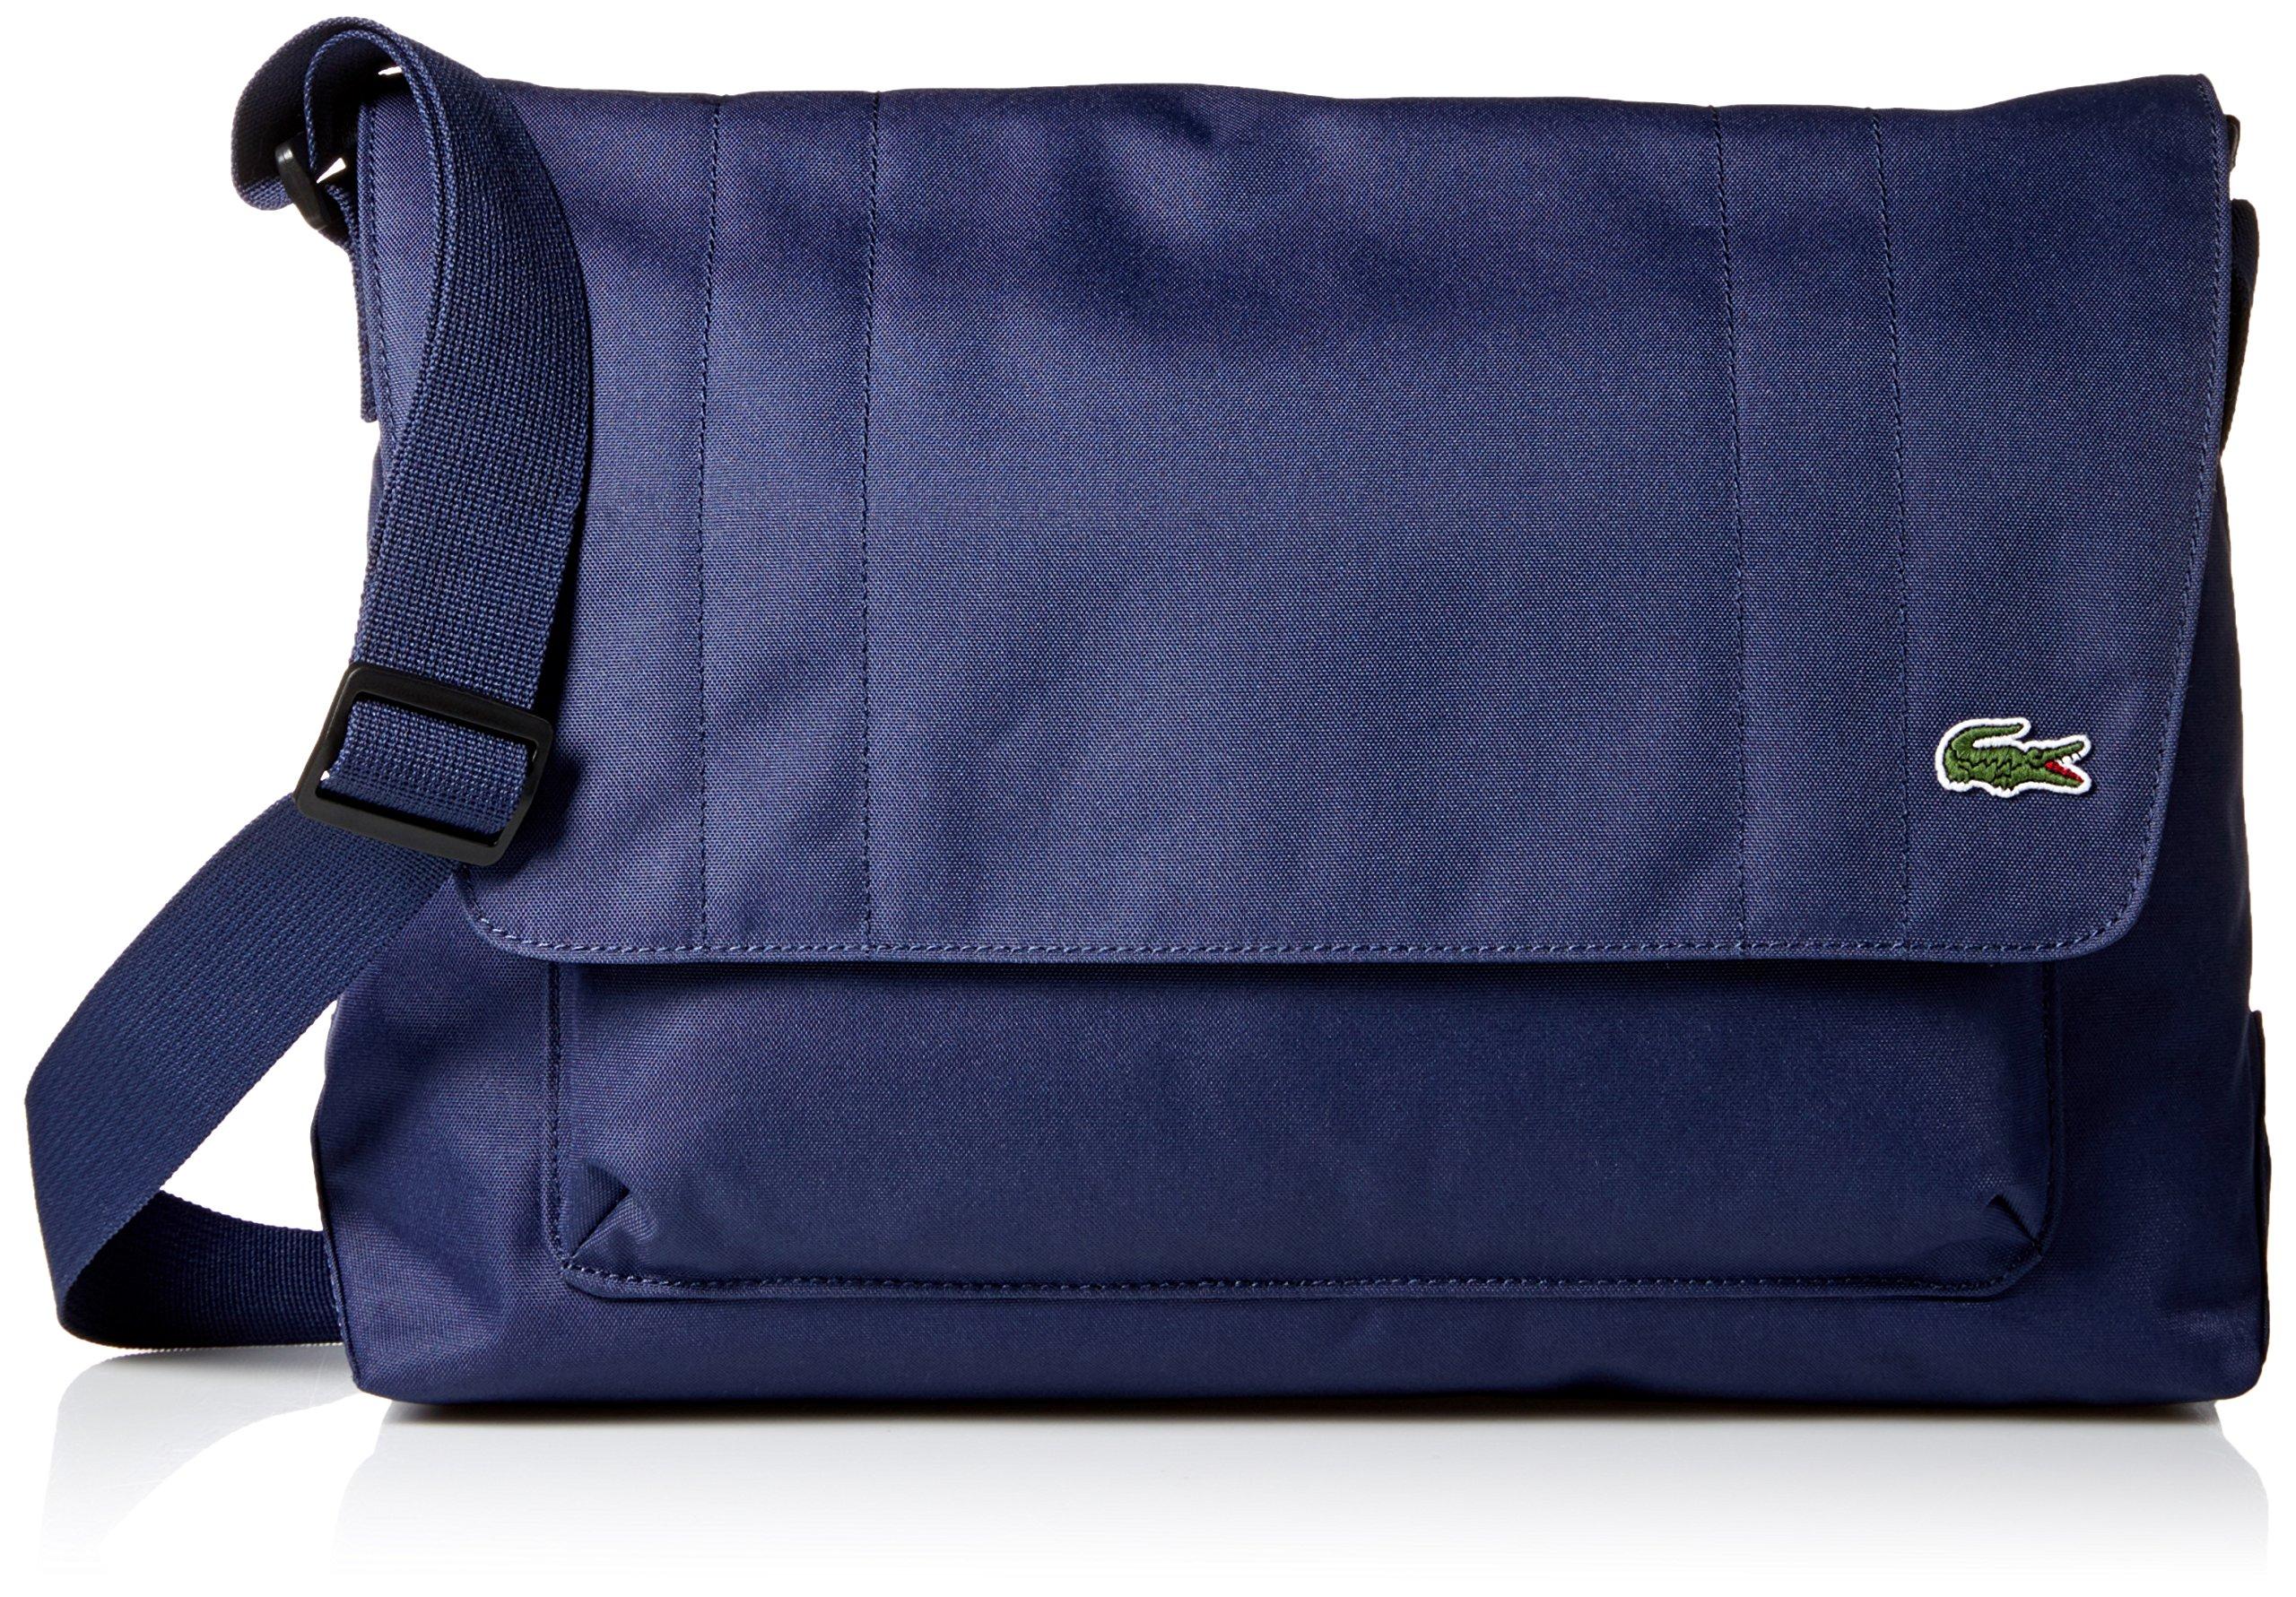 Lacoste Men's Neocroc Messenger Bag with Zip, Peacoat